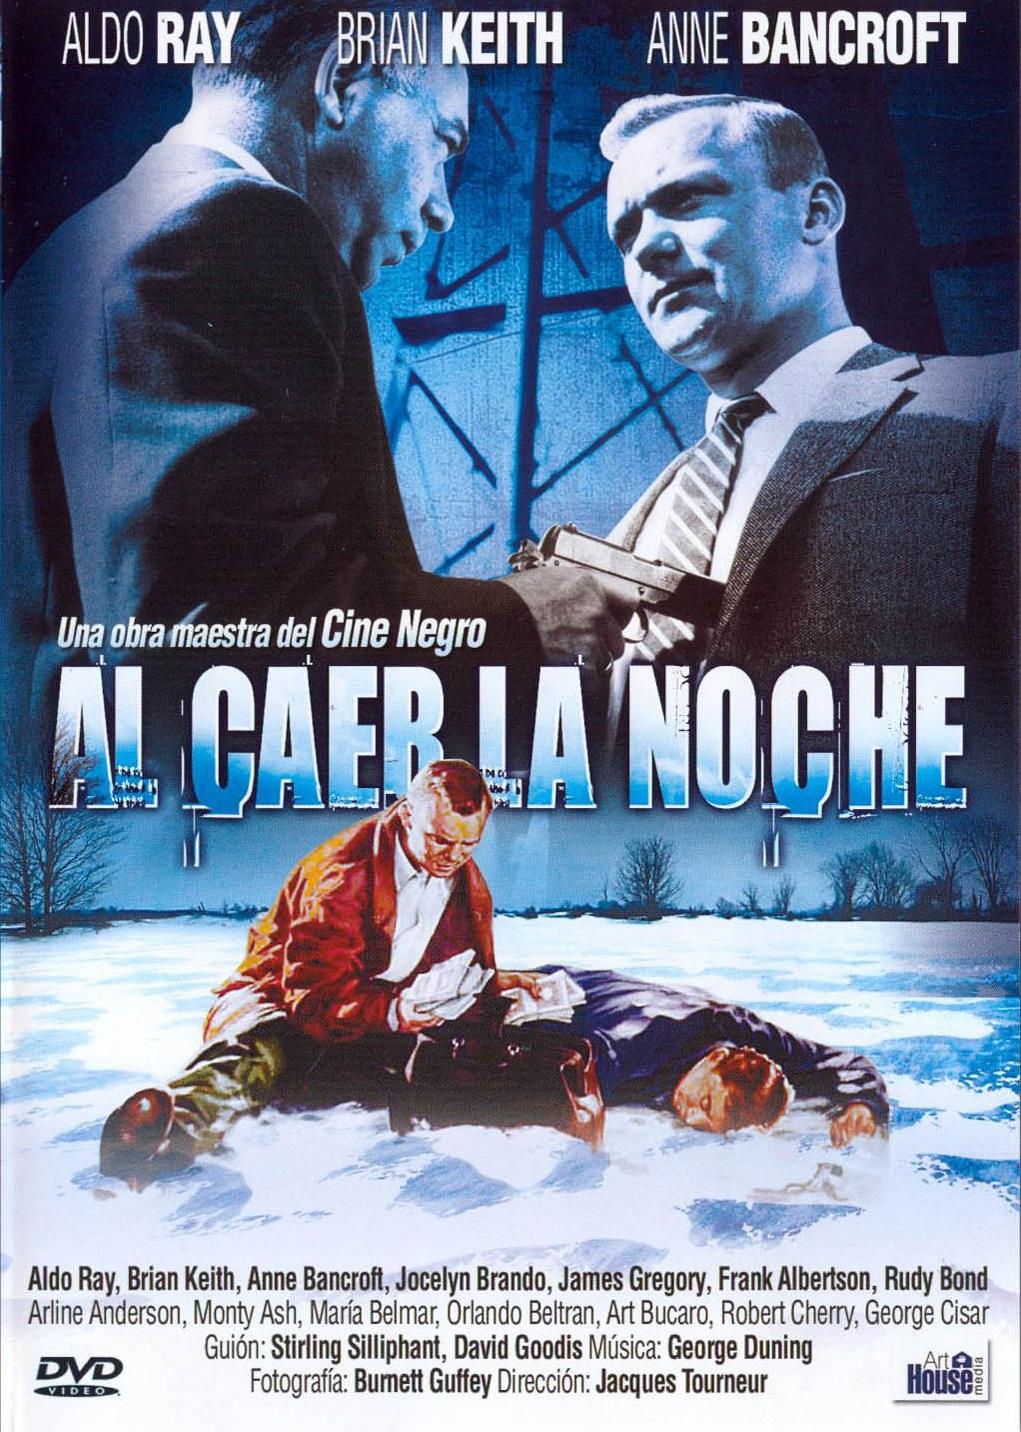 LAS MEJORES PELÍCULAS DE CINE NEGRO SEGÚN POPUHEADS - Página 6 Al_Caer_La_Noche_(1957)-Caratula